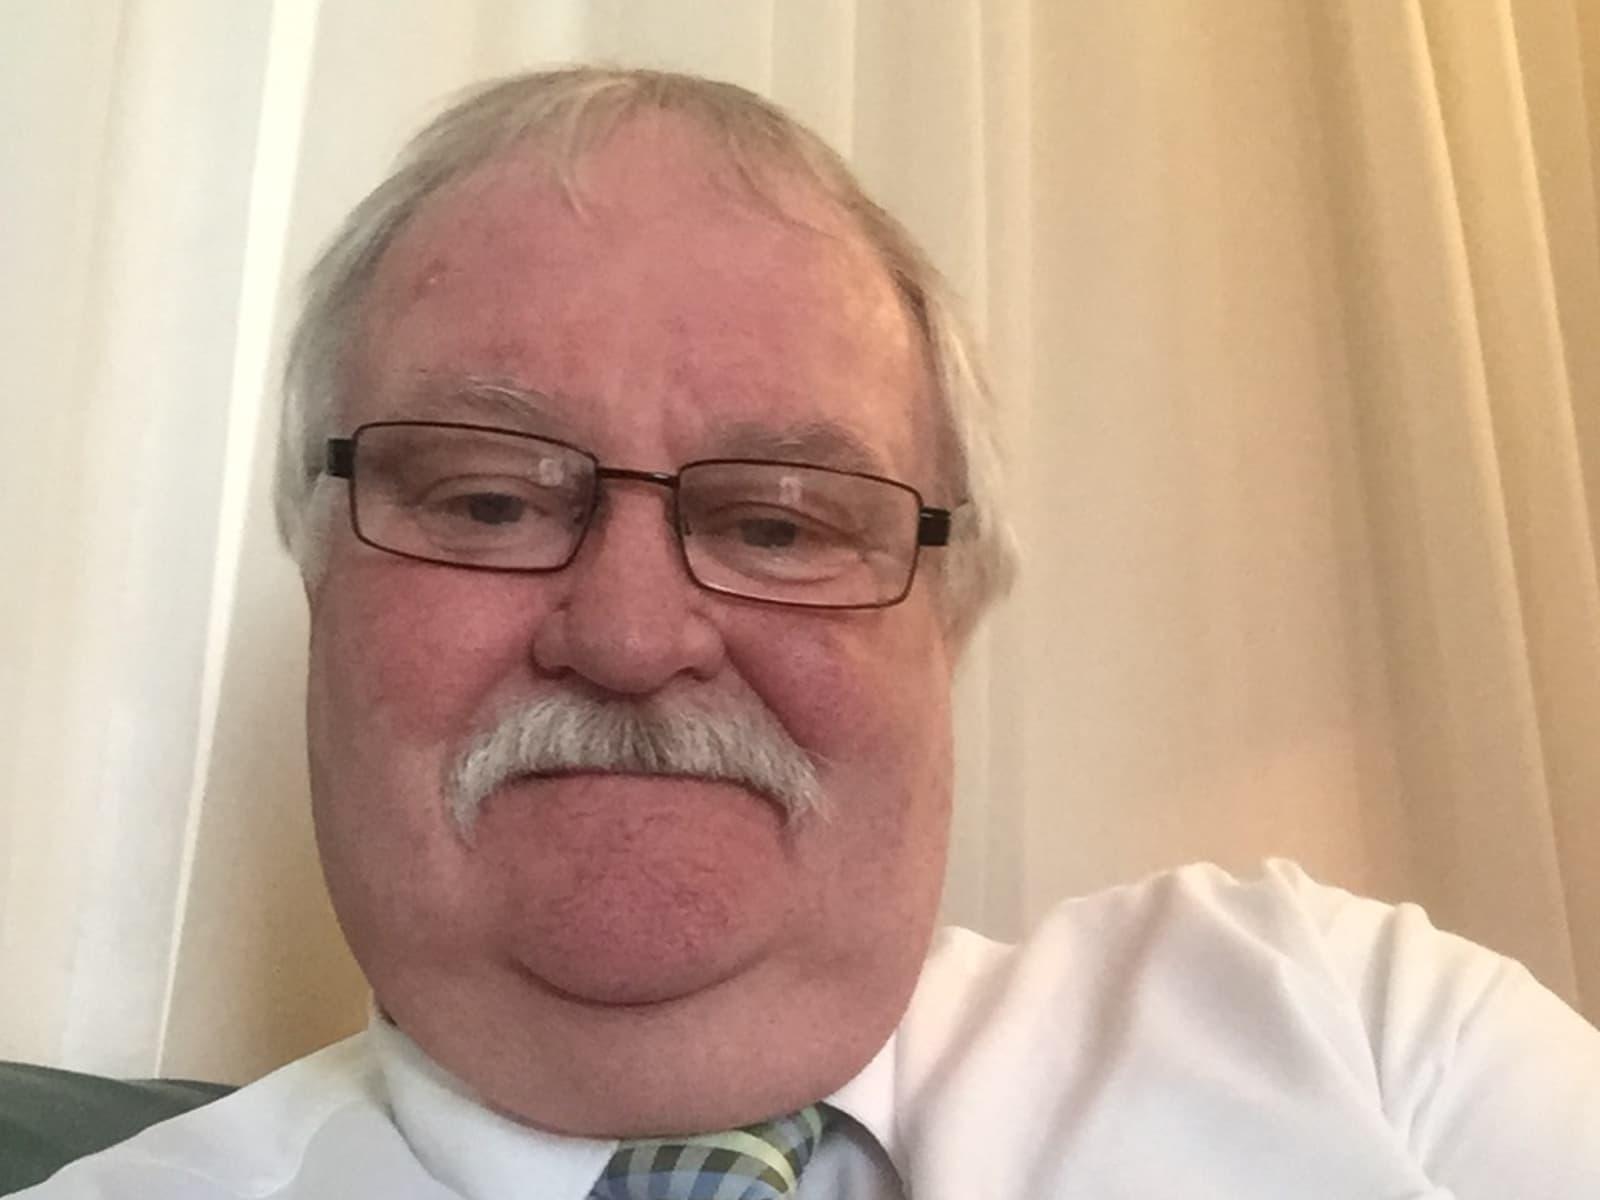 Dennis from Saint Kilda, Victoria, Australia